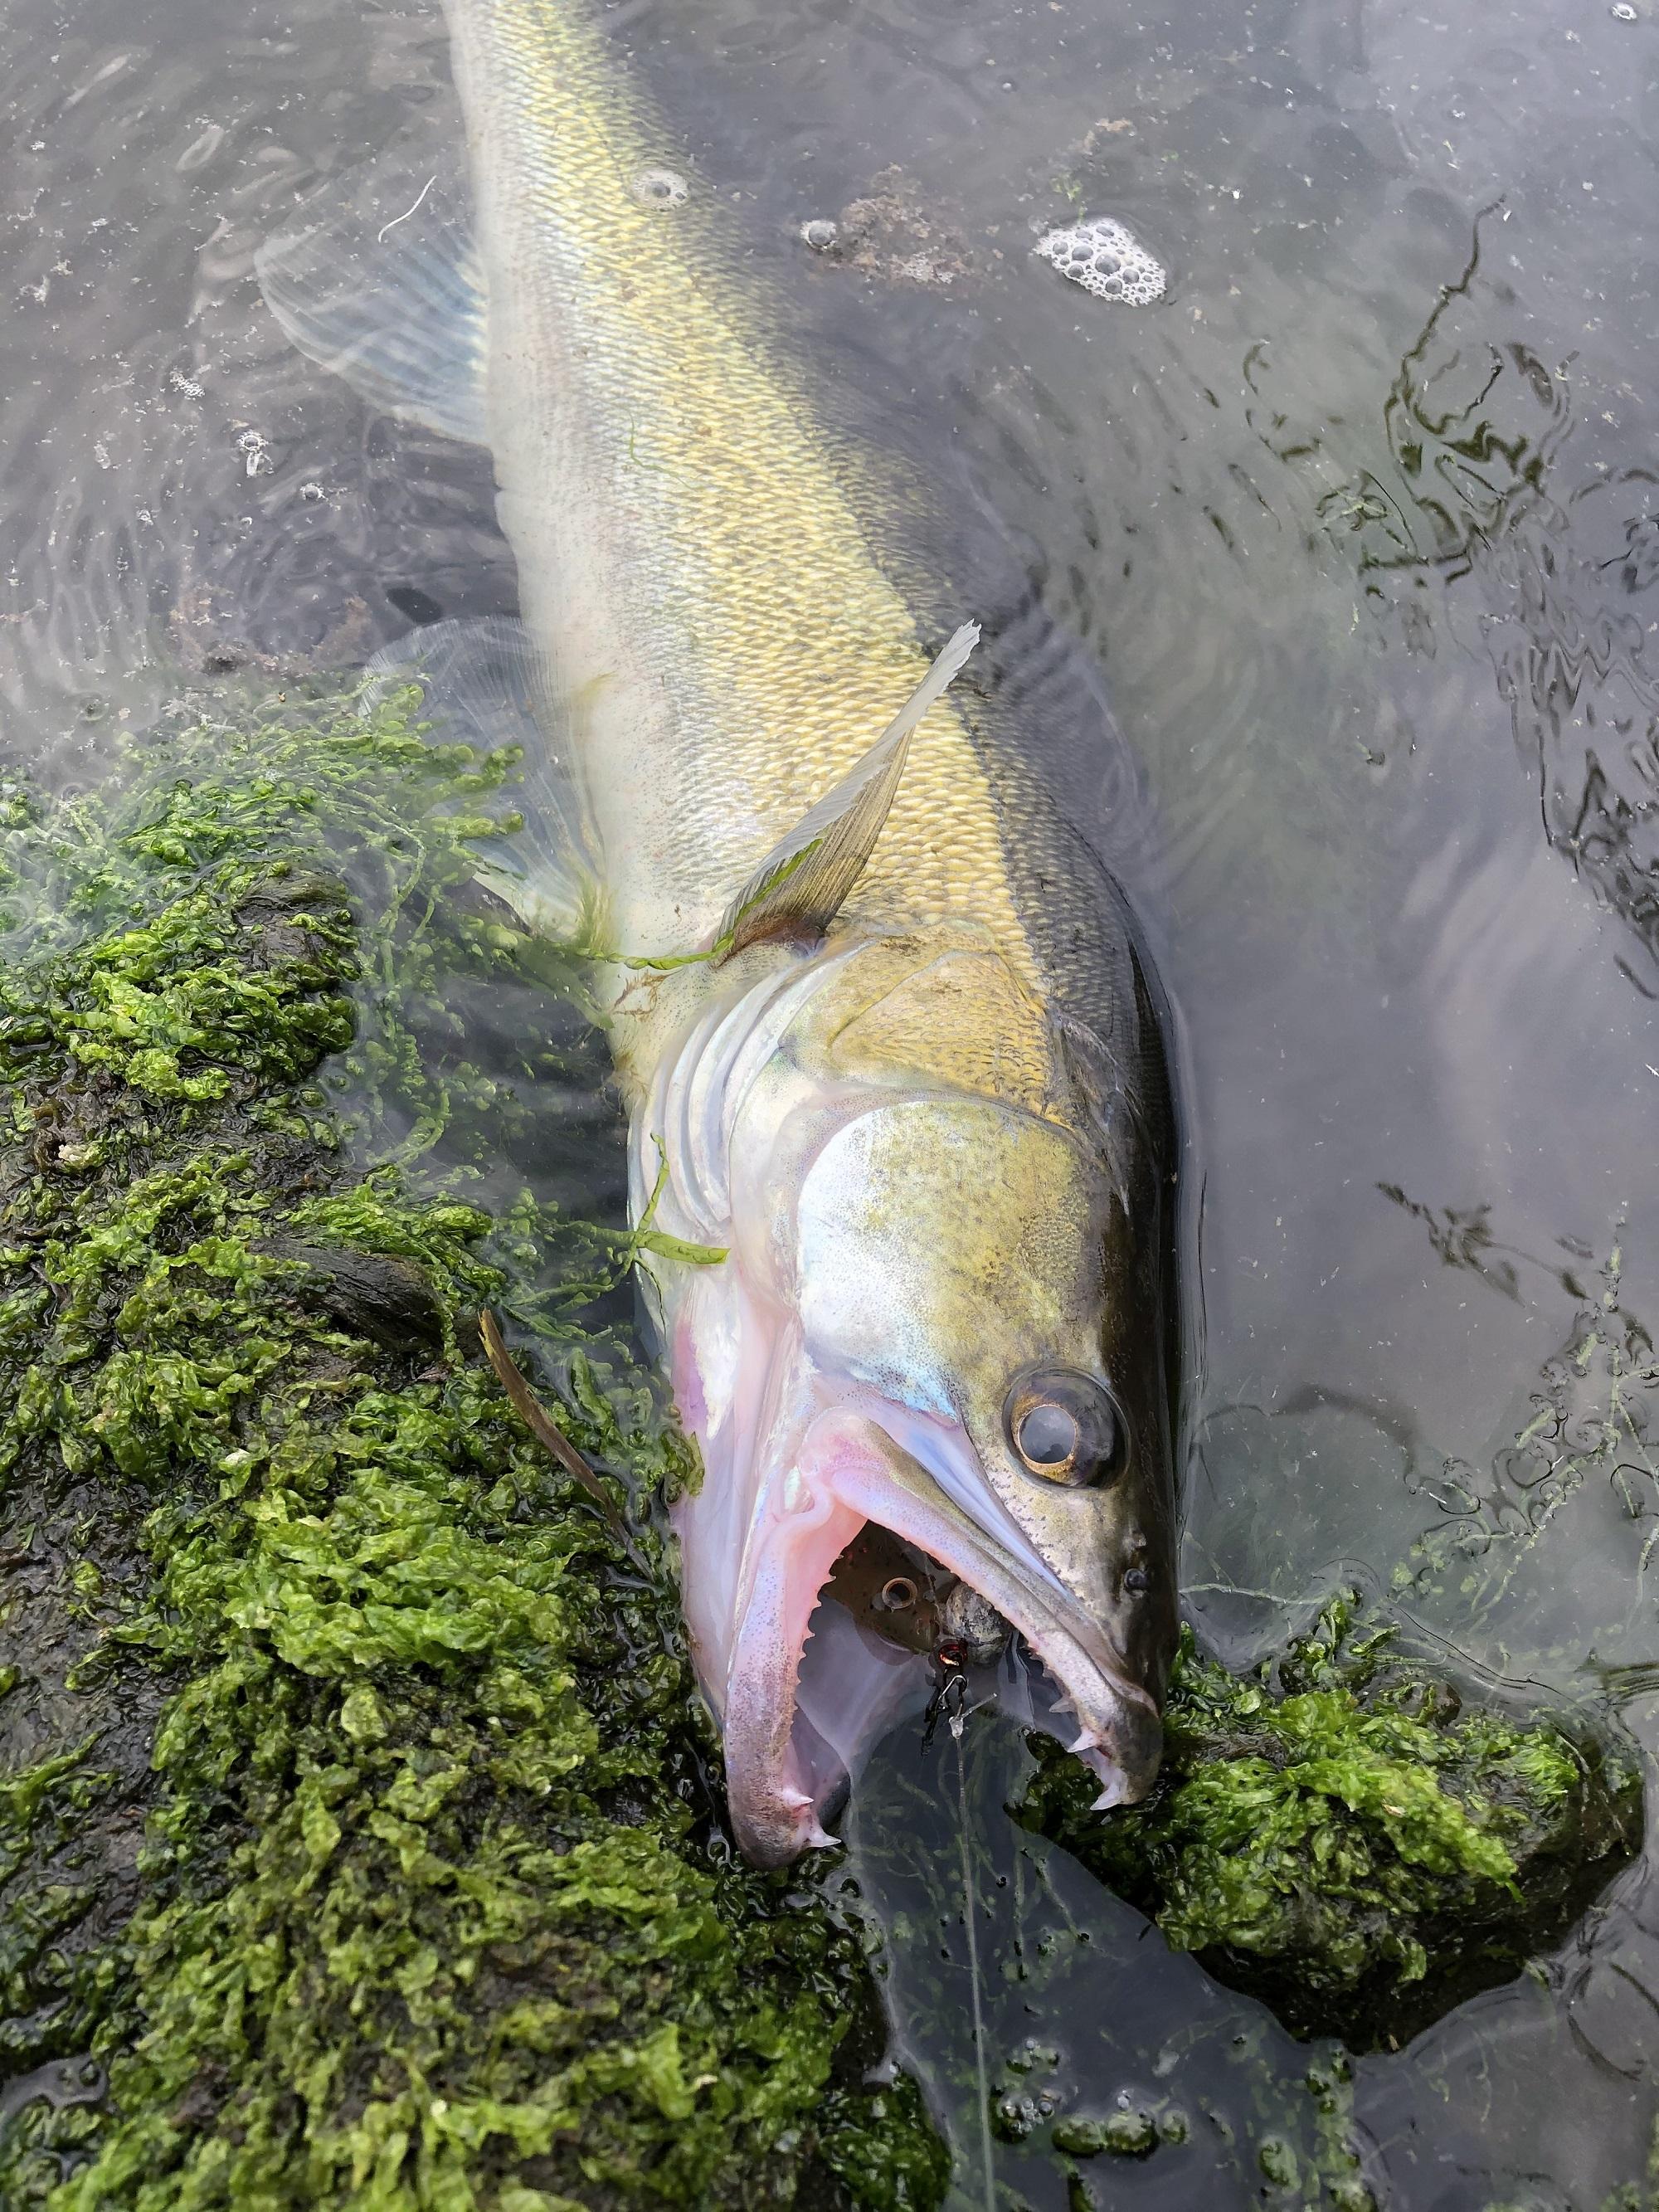 Ein guter Zander aus dem Nord-Ostsee-Kanal biss beim Spinnfischen auf den Kunstköder WackelArsch